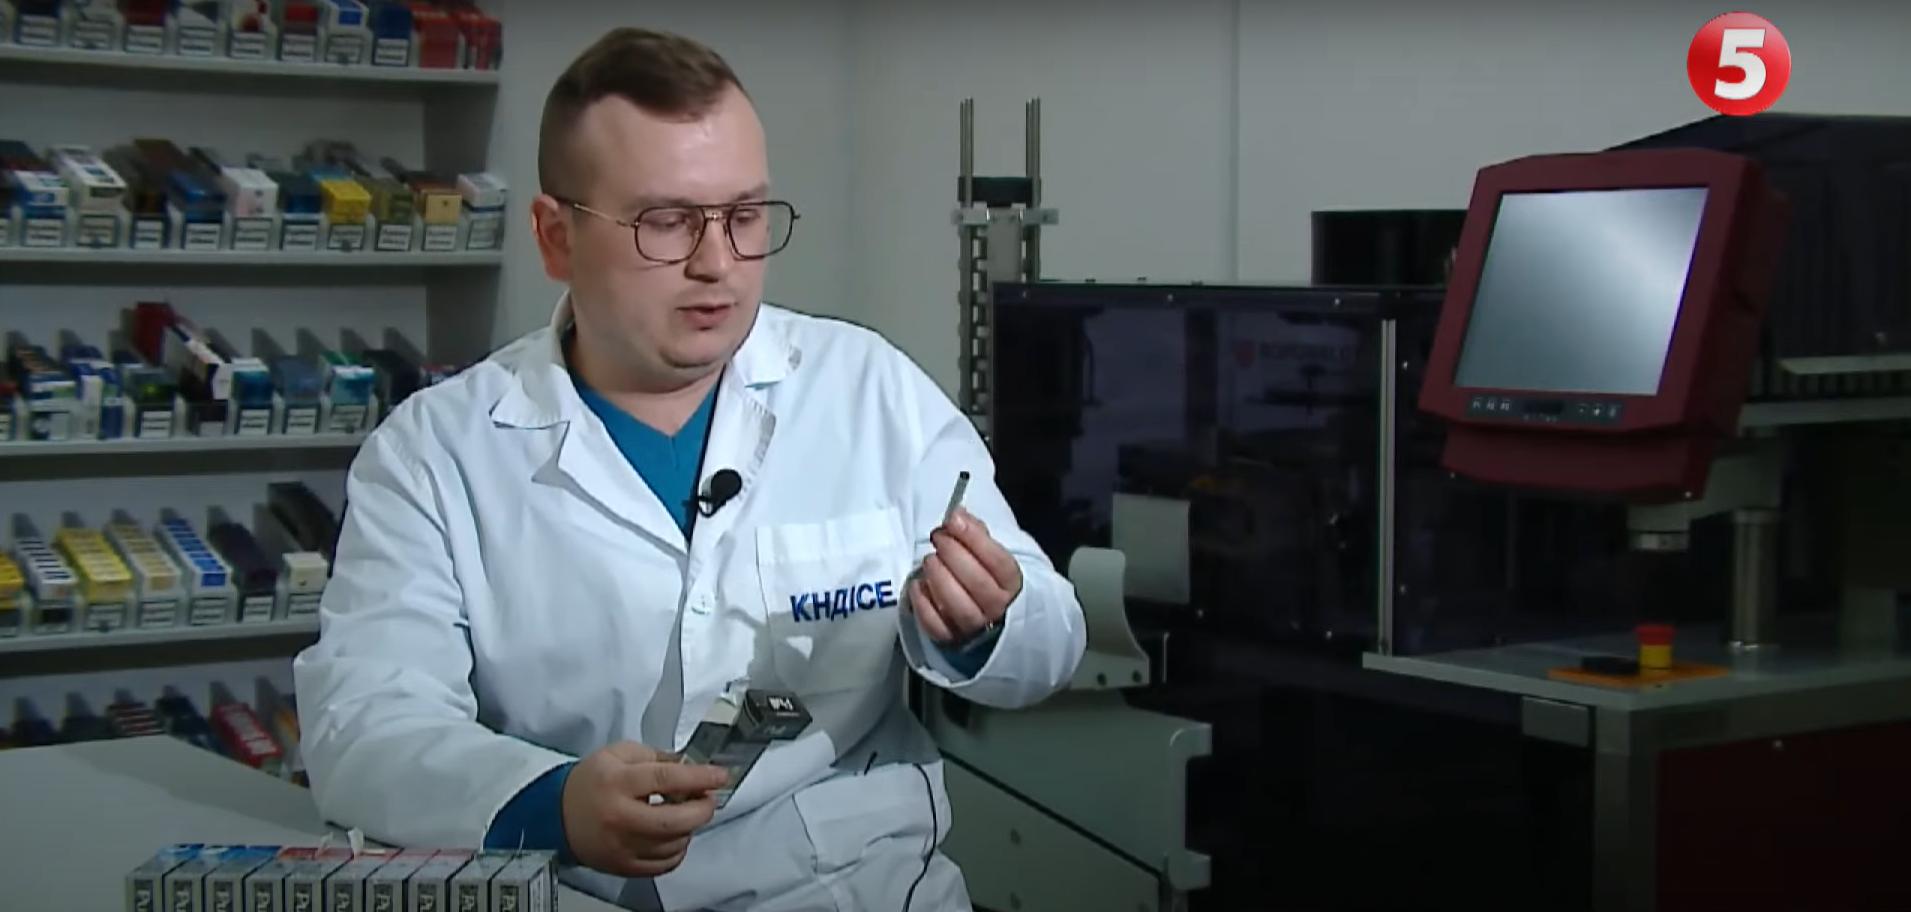 По словам Сергея Сичкаря, контрафакт изготовлен не кустарным способом, а на промышленном оборудовании